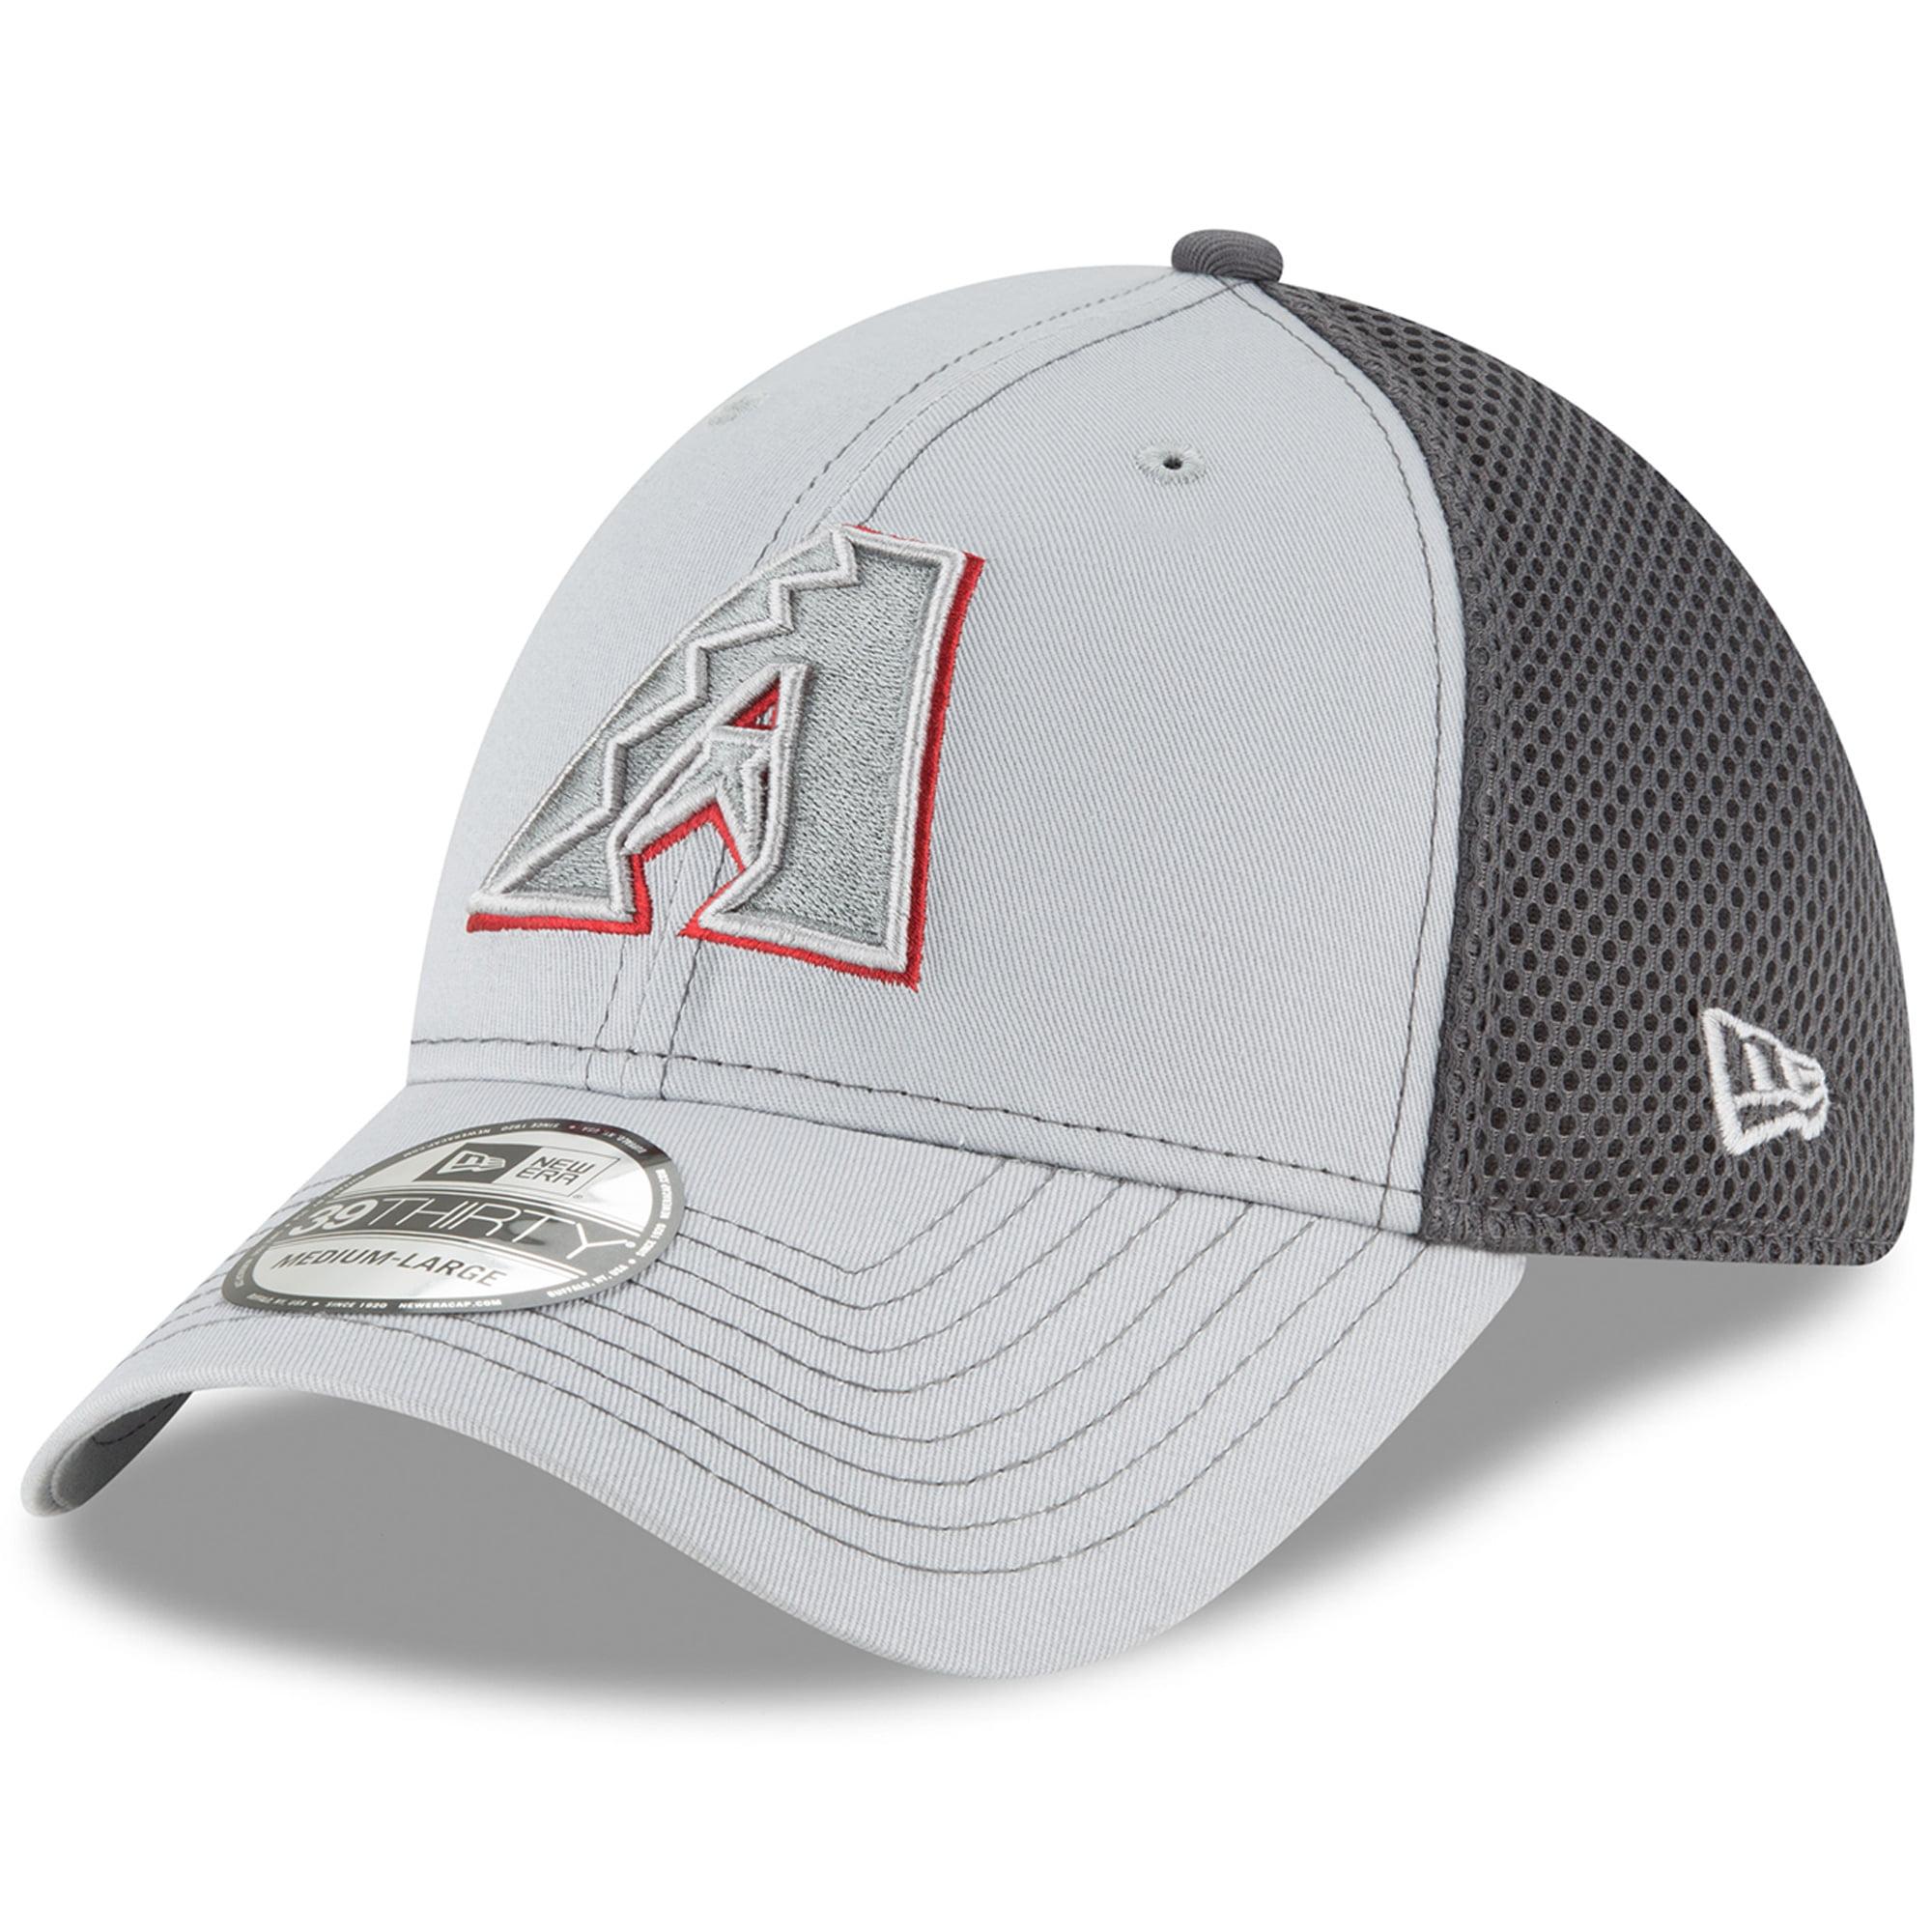 Arizona Diamondbacks New Era Grayed Out Neo 39THIRTY Flex Hat - Gray